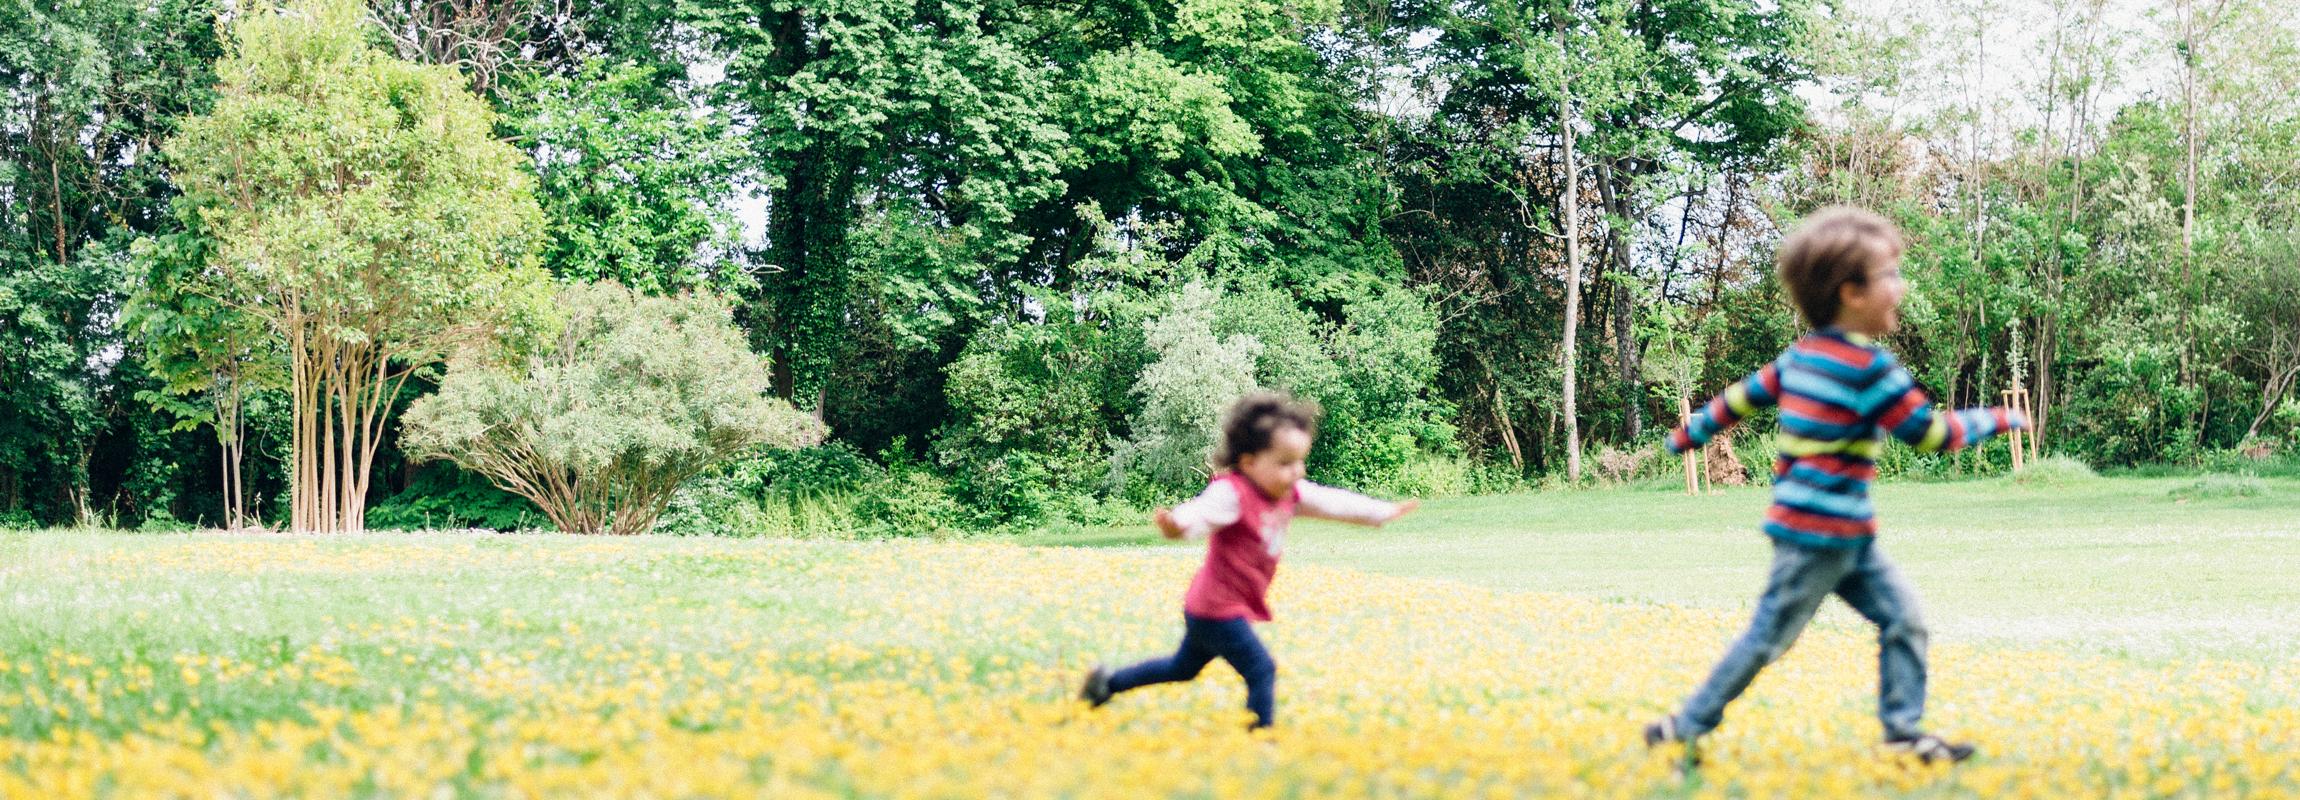 Cinq hectares d'aire de jeux - bien sûr, les enfants sont également les bienvenus à l'Hôtel Château de Montcaud en Provence, dans le sud de la France.